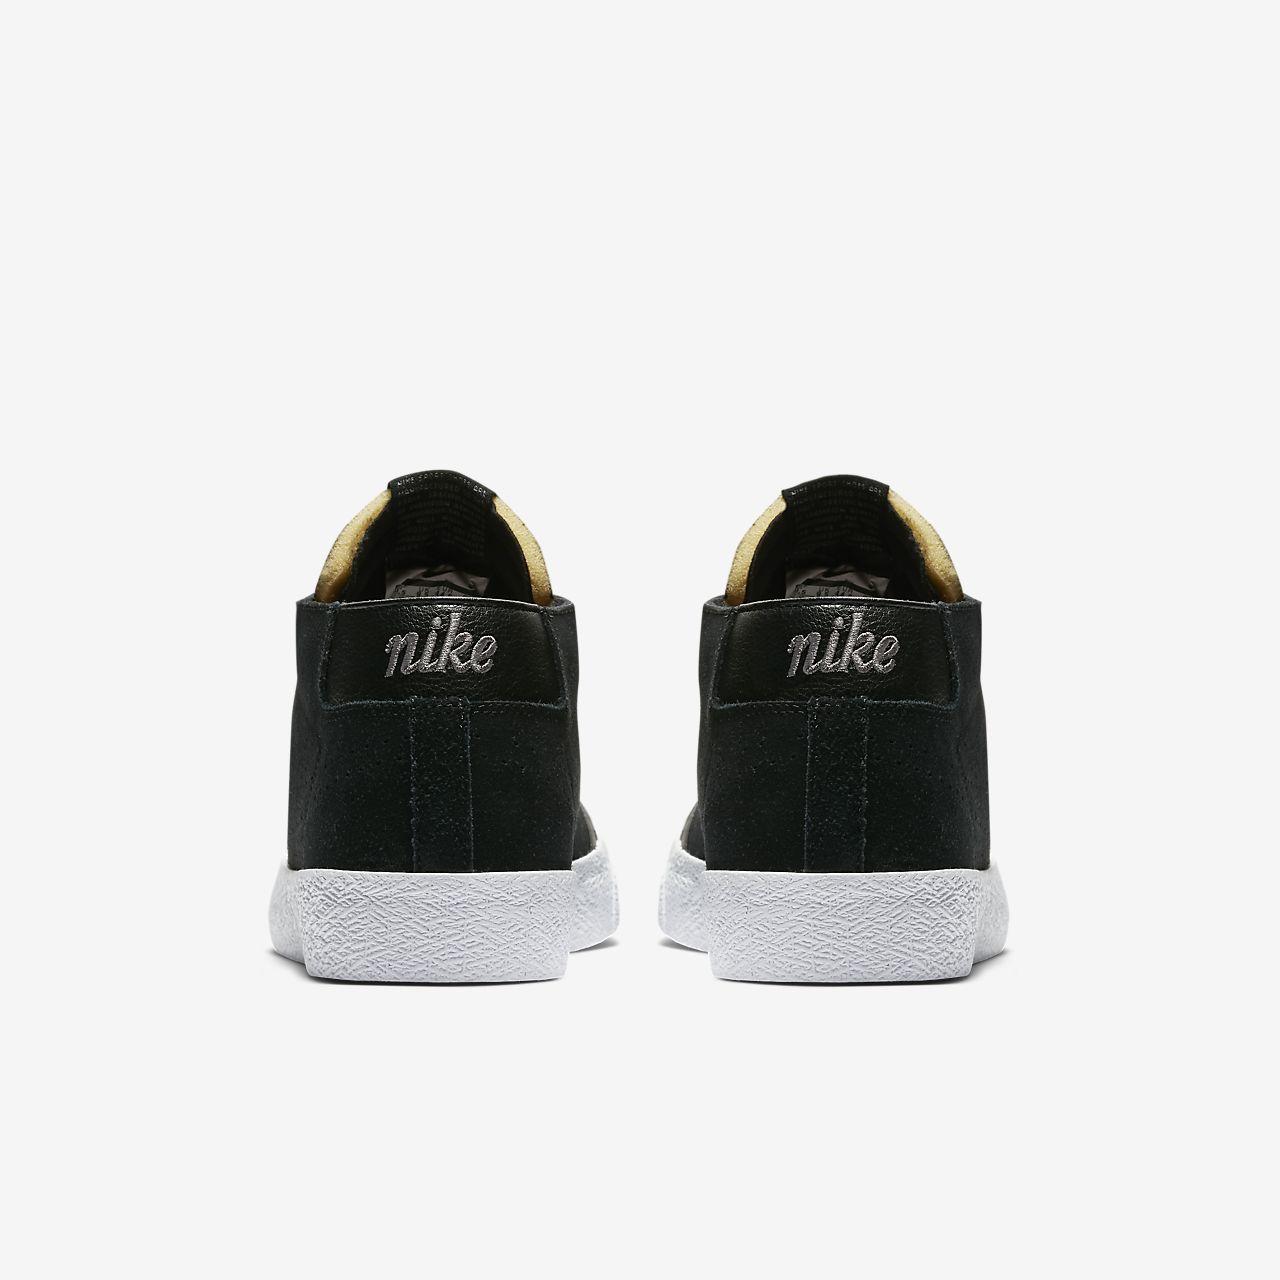 92a6425e23 Nike SB Zoom Blazer Chukka XT Men s Skateboarding Shoe. Nike.com AU